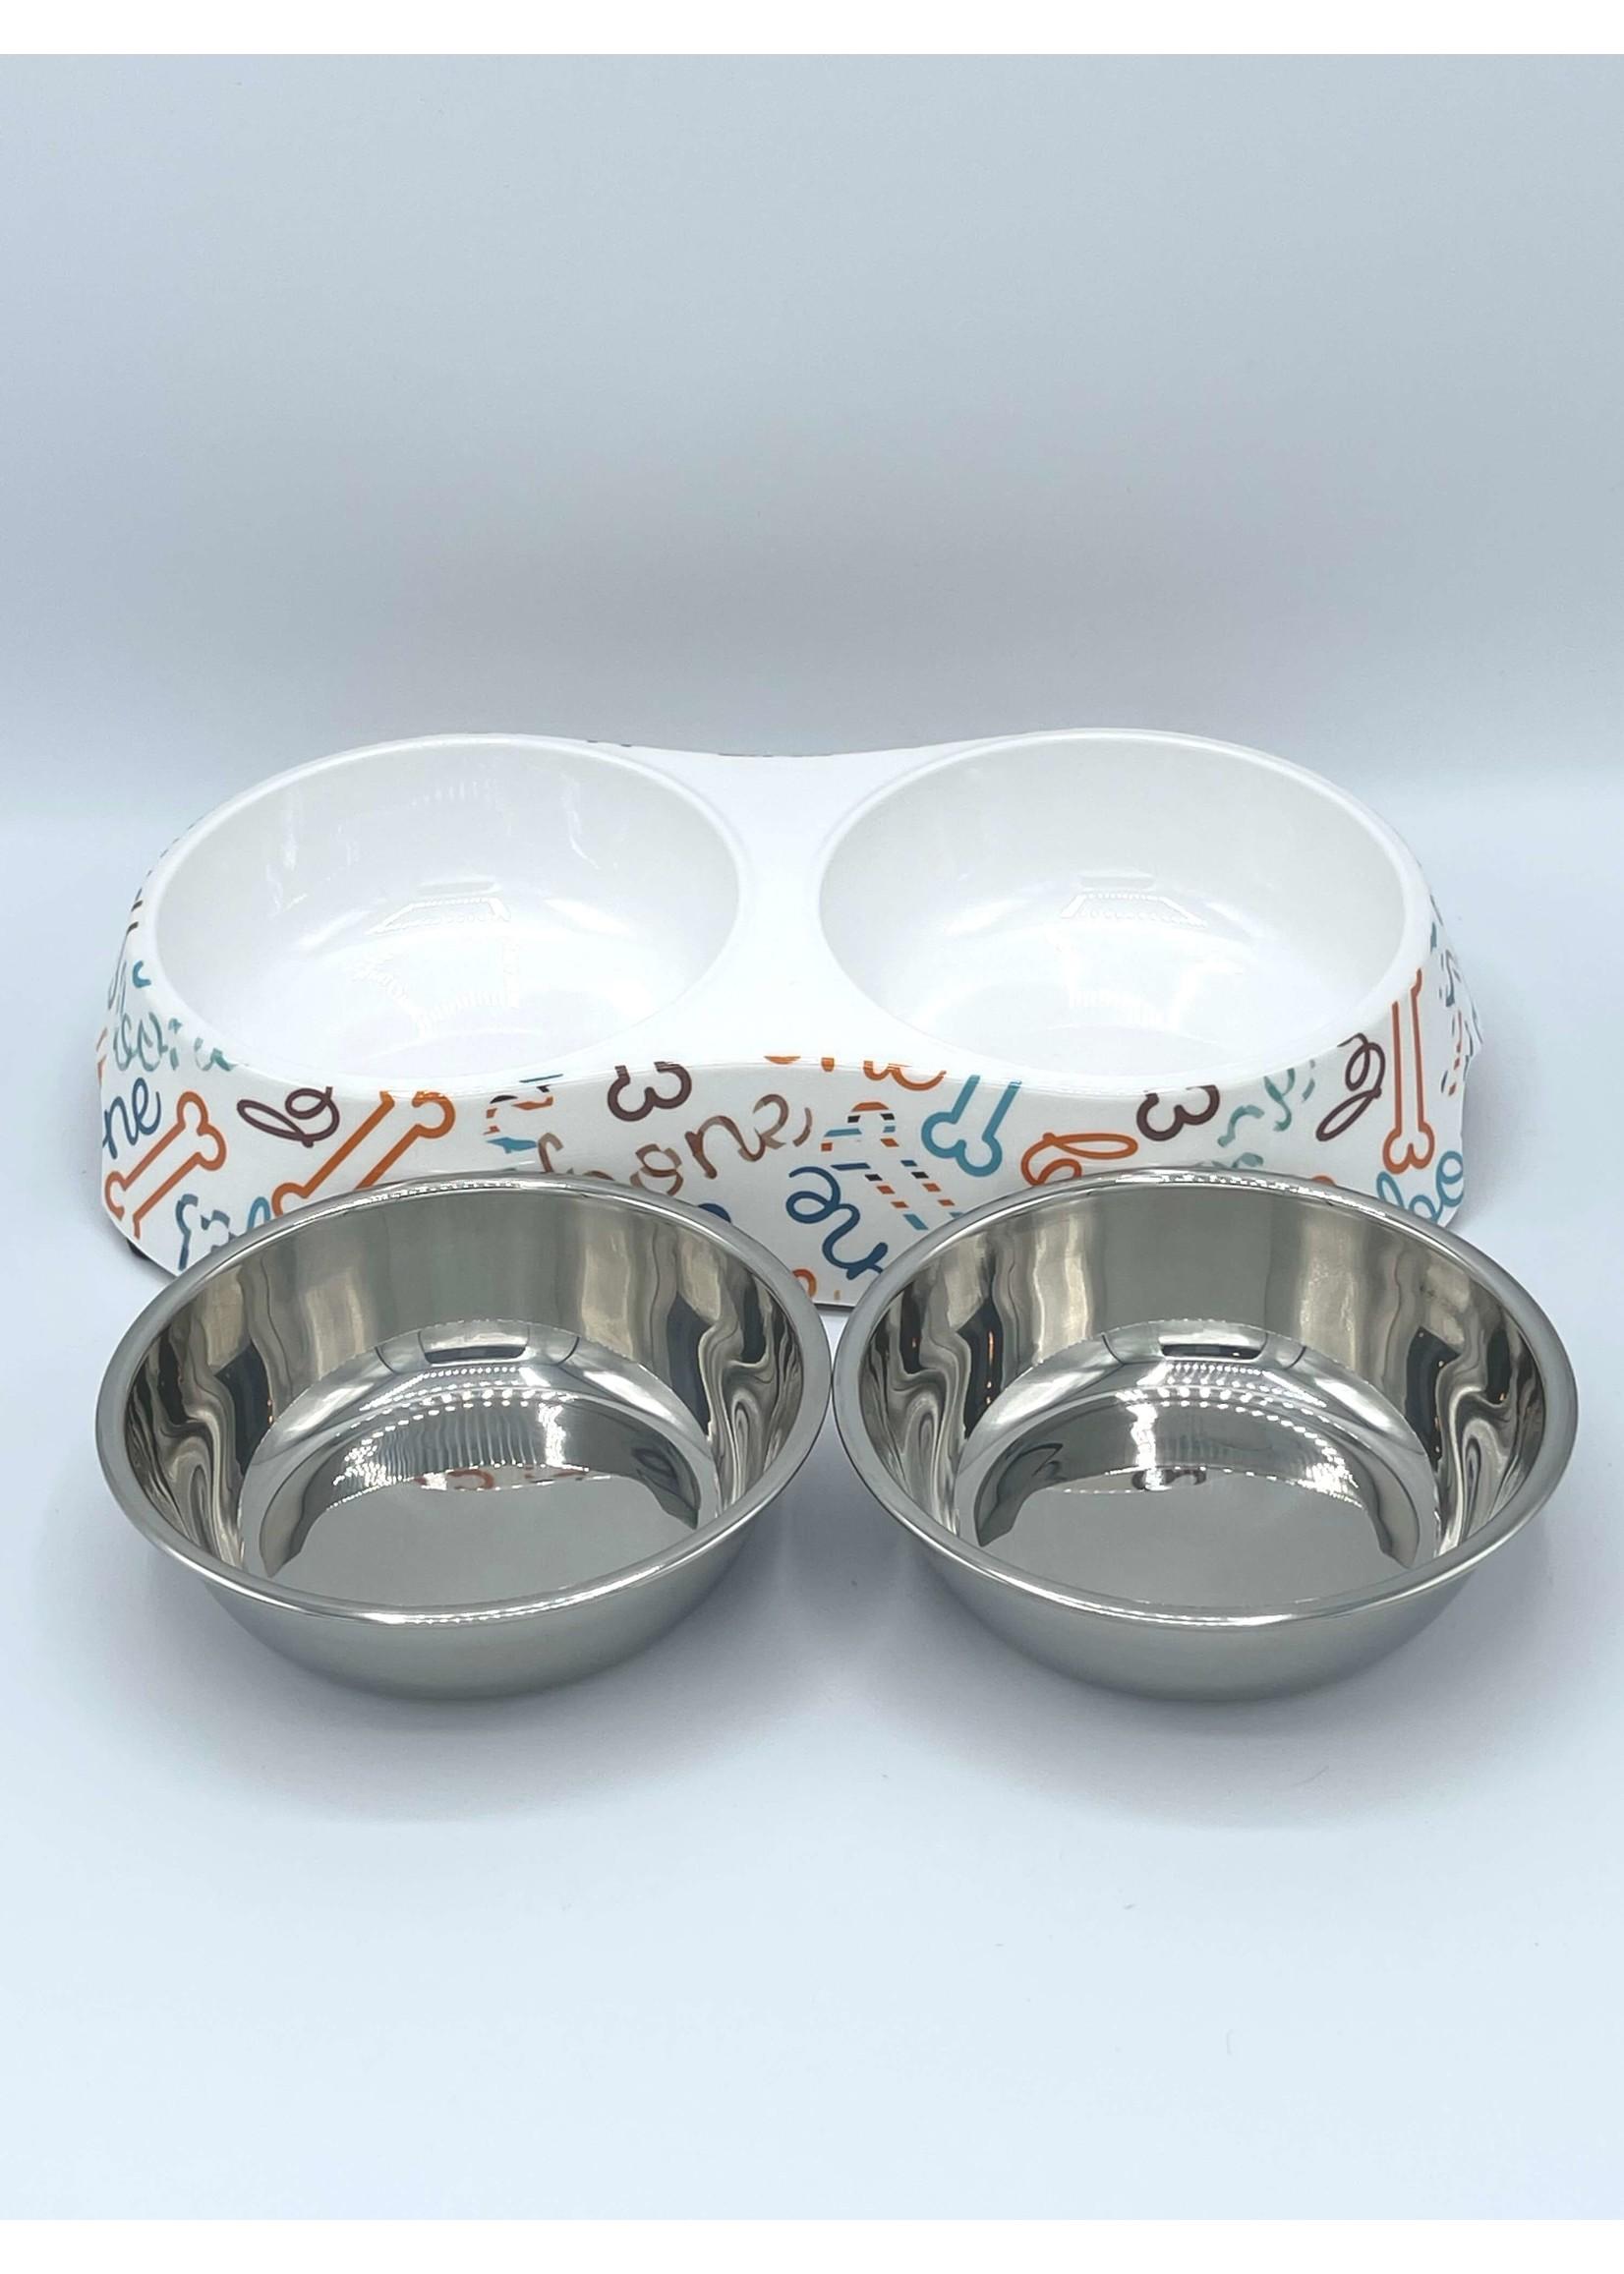 Stainless Steel 2 Bowl Designer Set